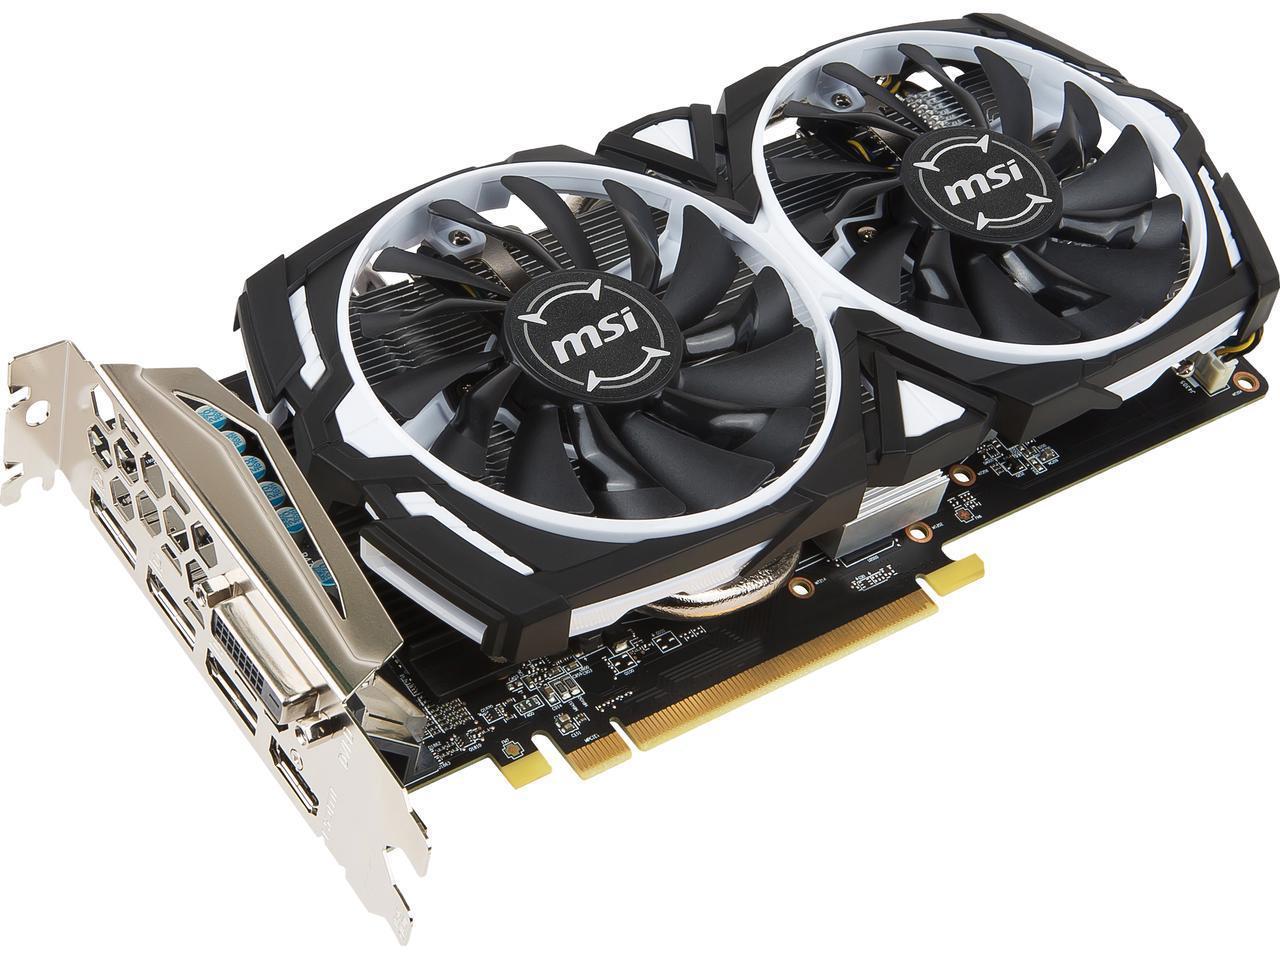 MSI Radeon RX 570 ARMOR OC Edition 8GB GDDR5 Video Card